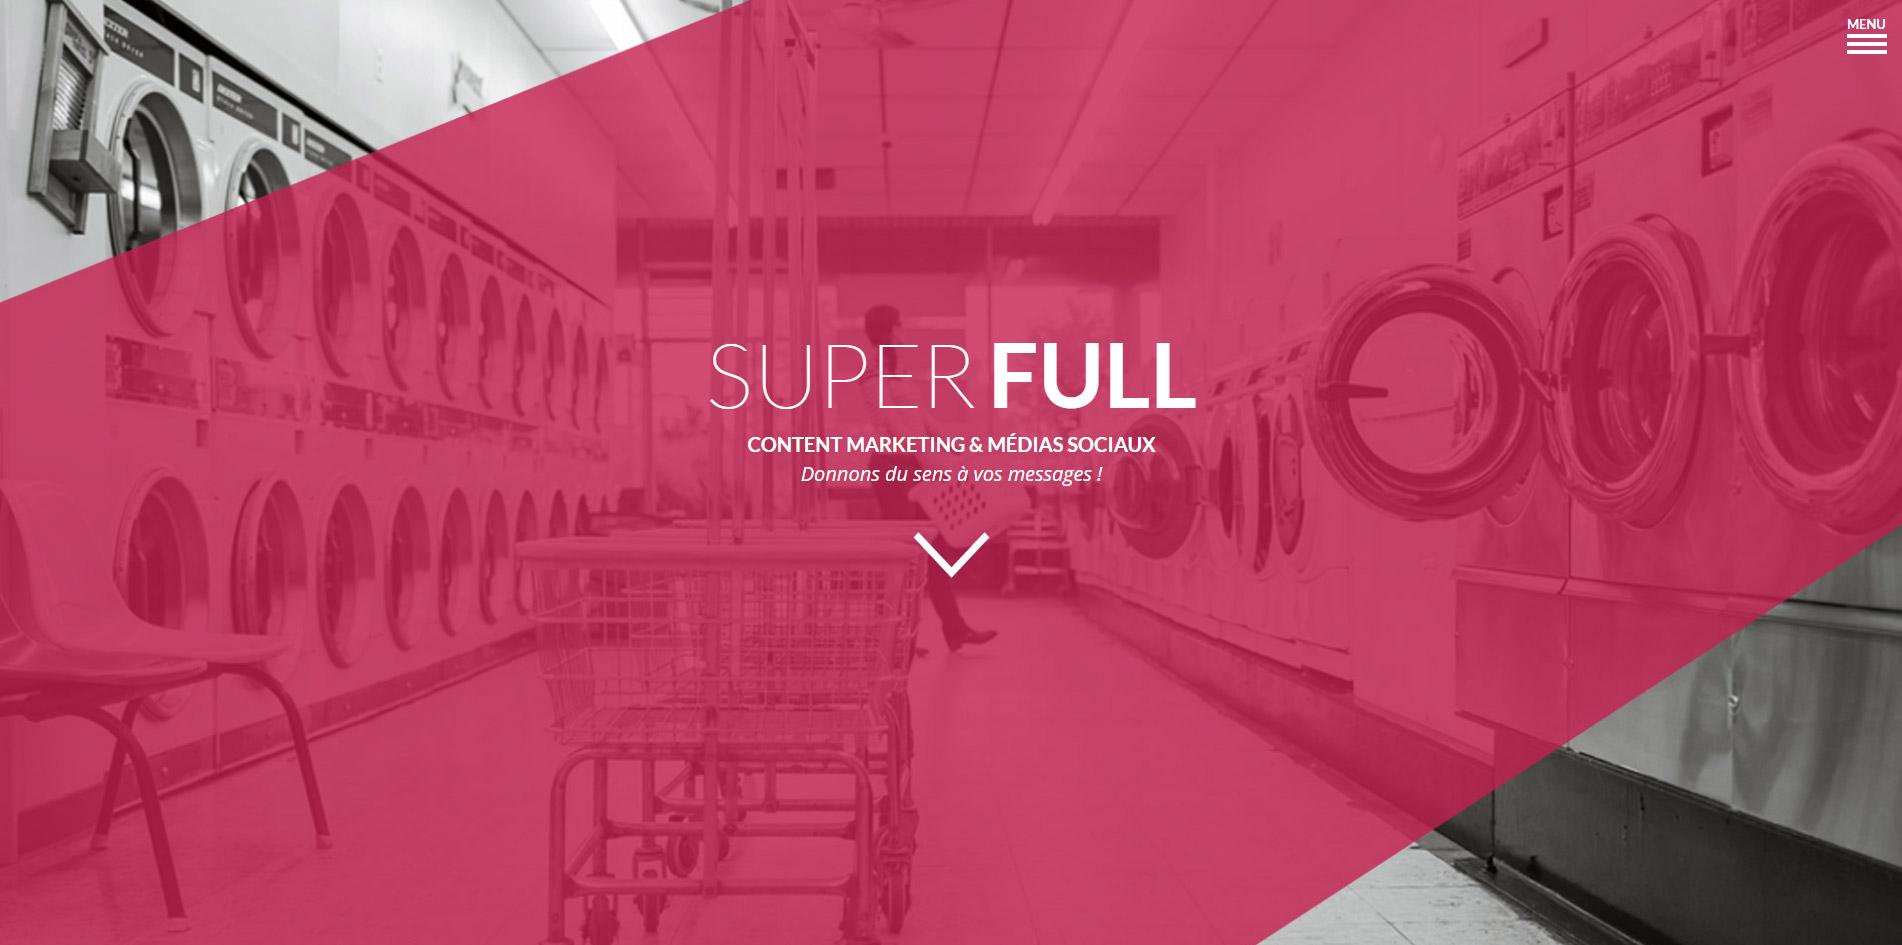 Création d'un site vitrine pour l'agence de communication Superfull